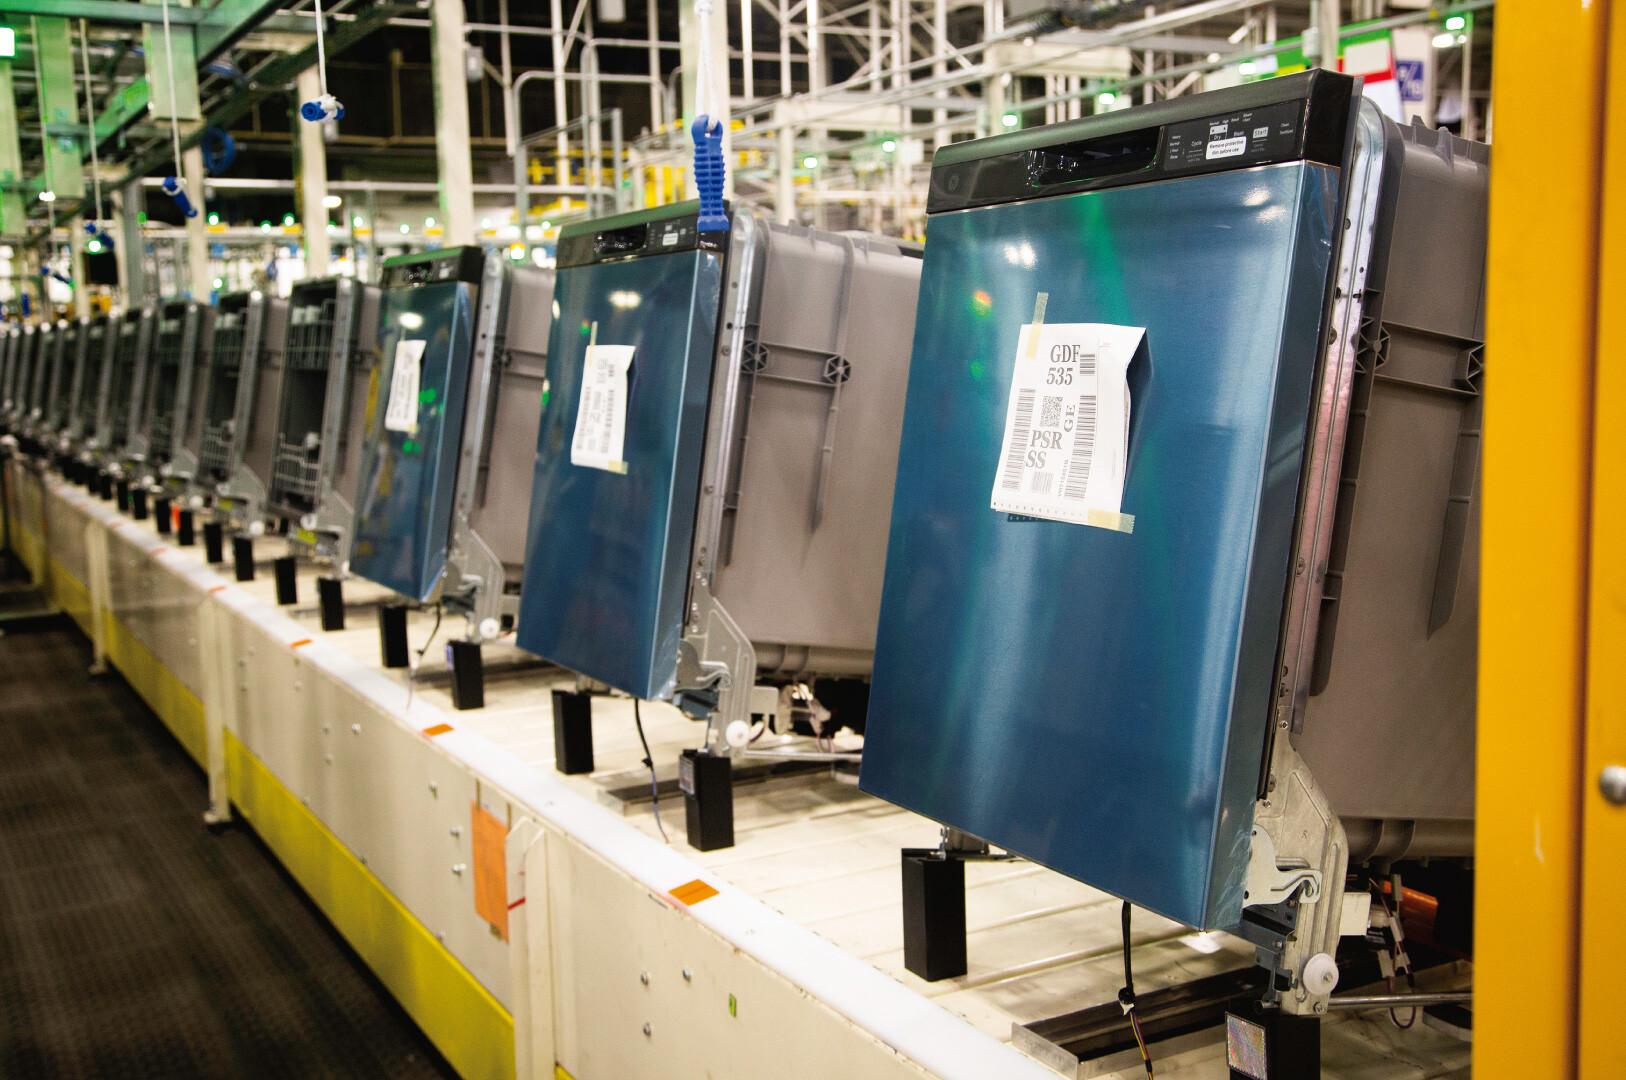 automatización-de-almacenes-la-robótica-marca-la-diferencia-alt